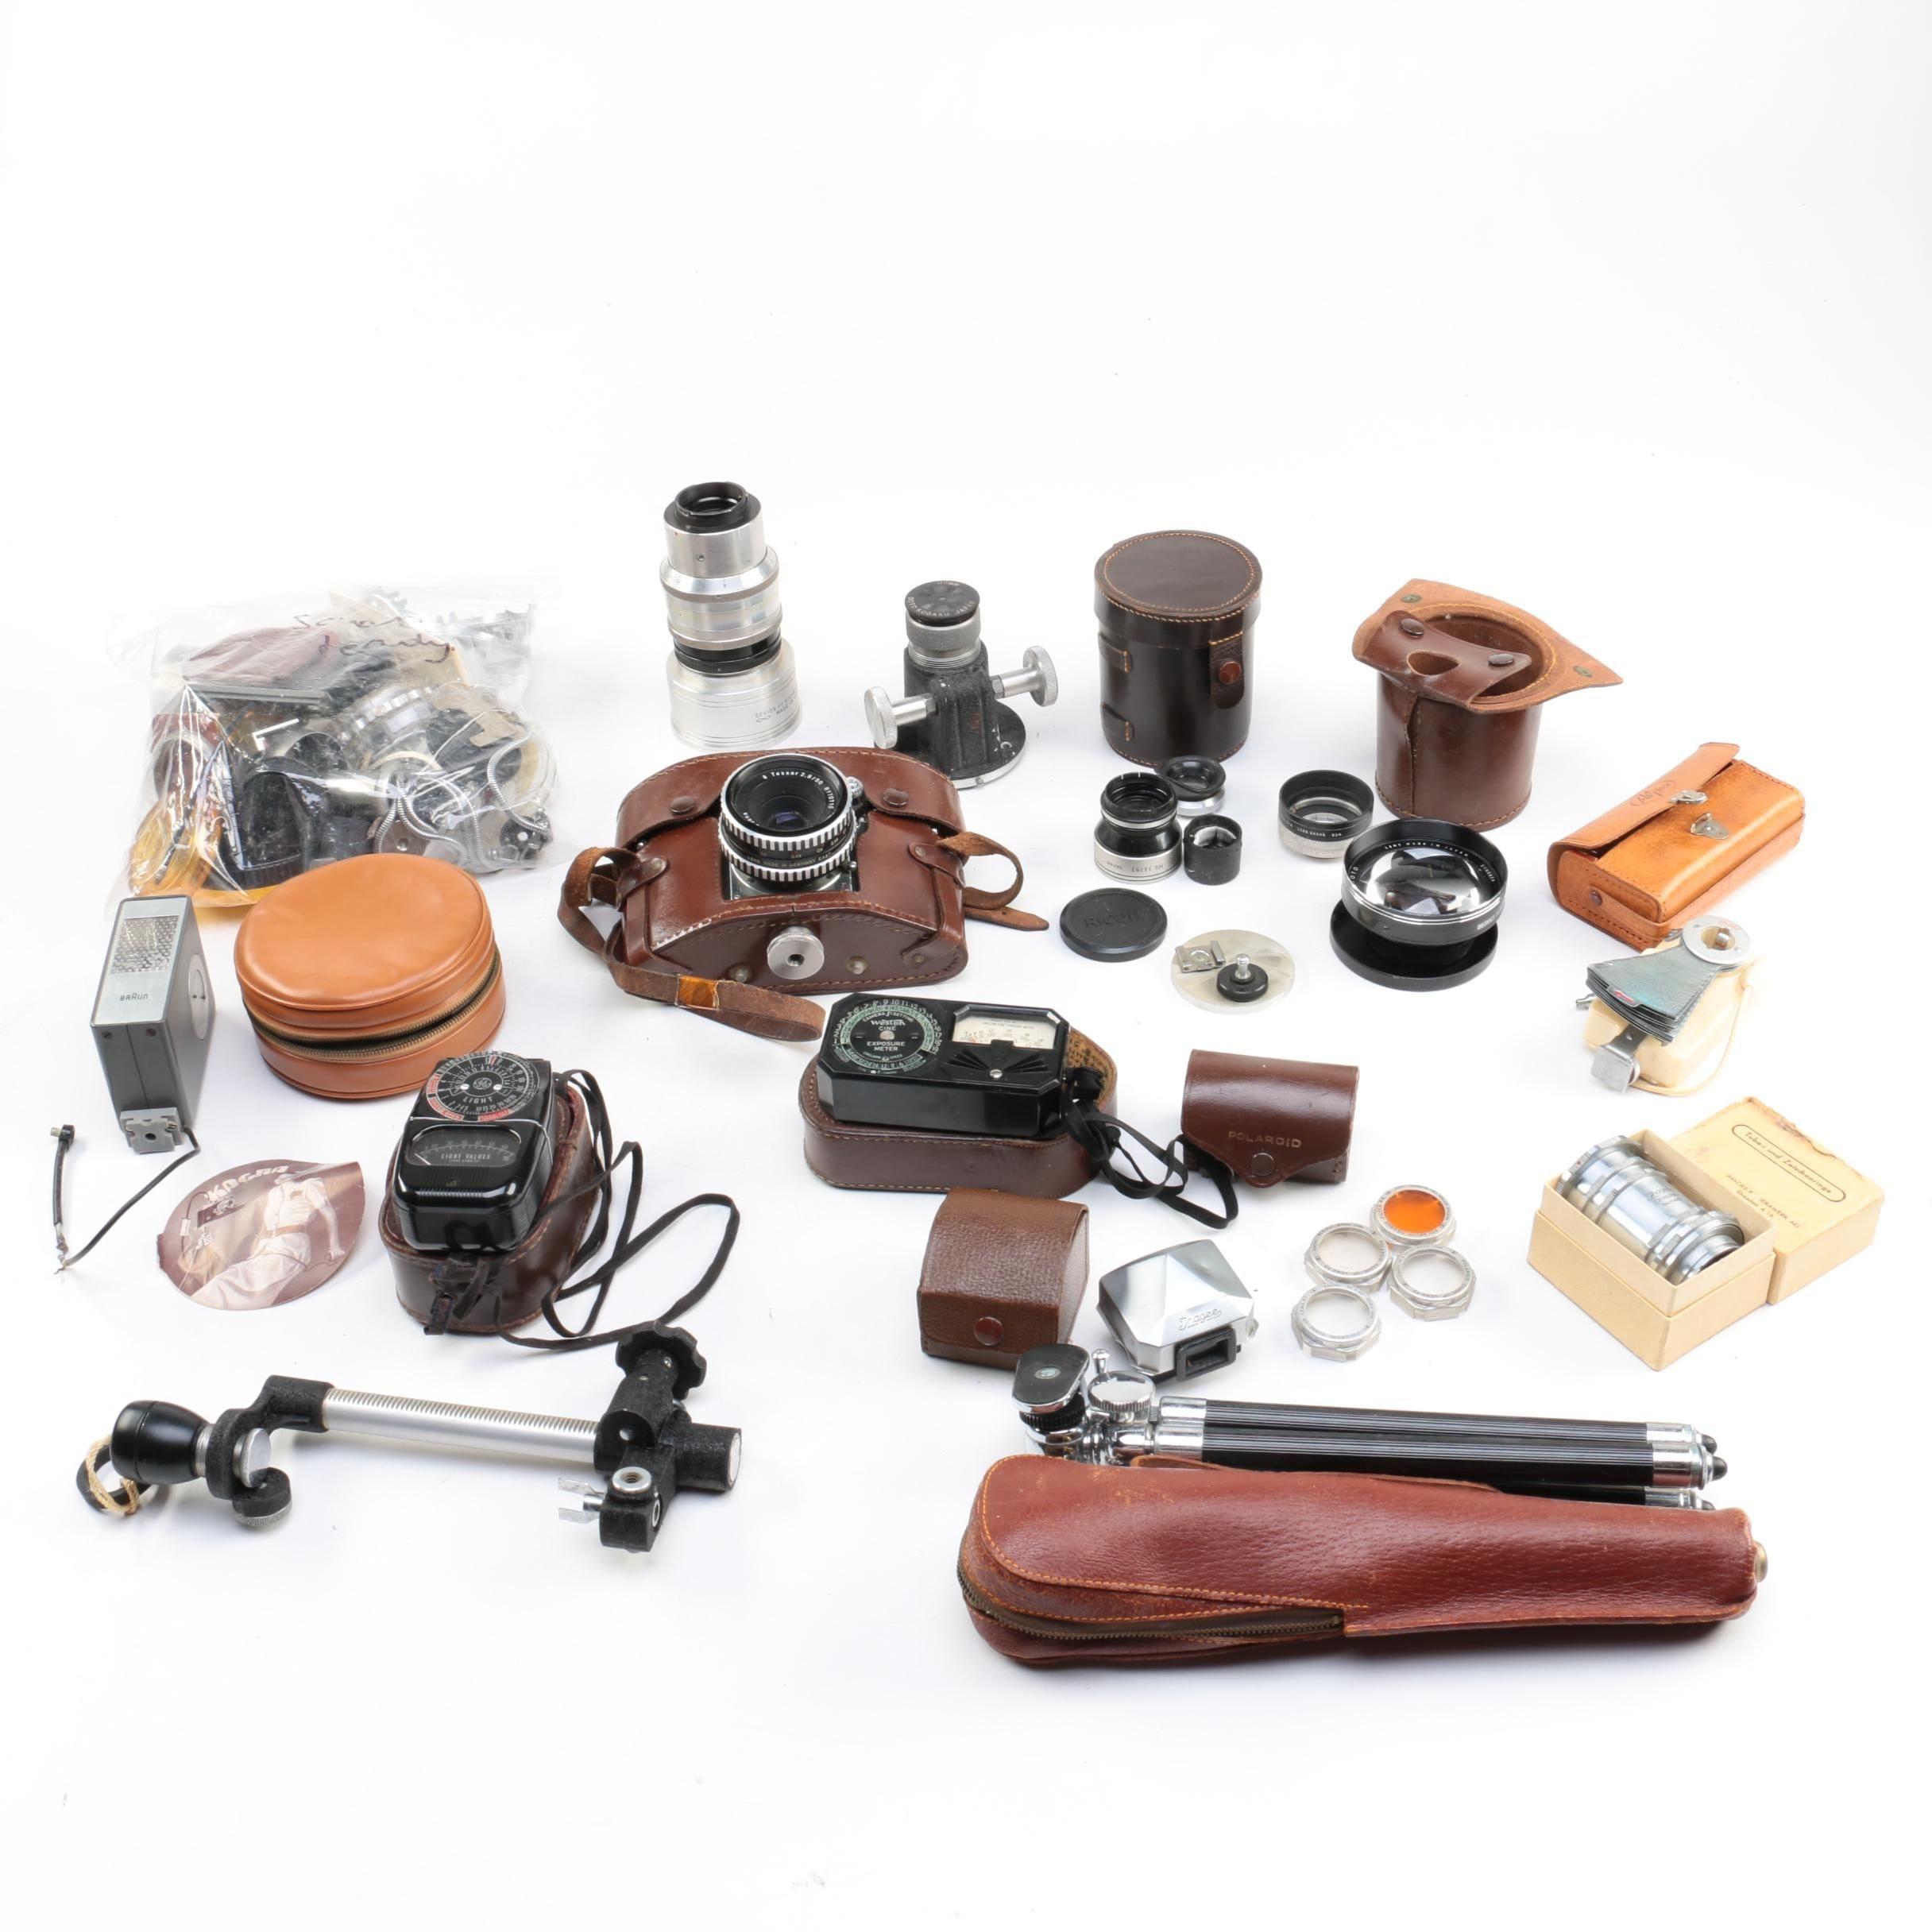 Exakta VX Camera and Accessories